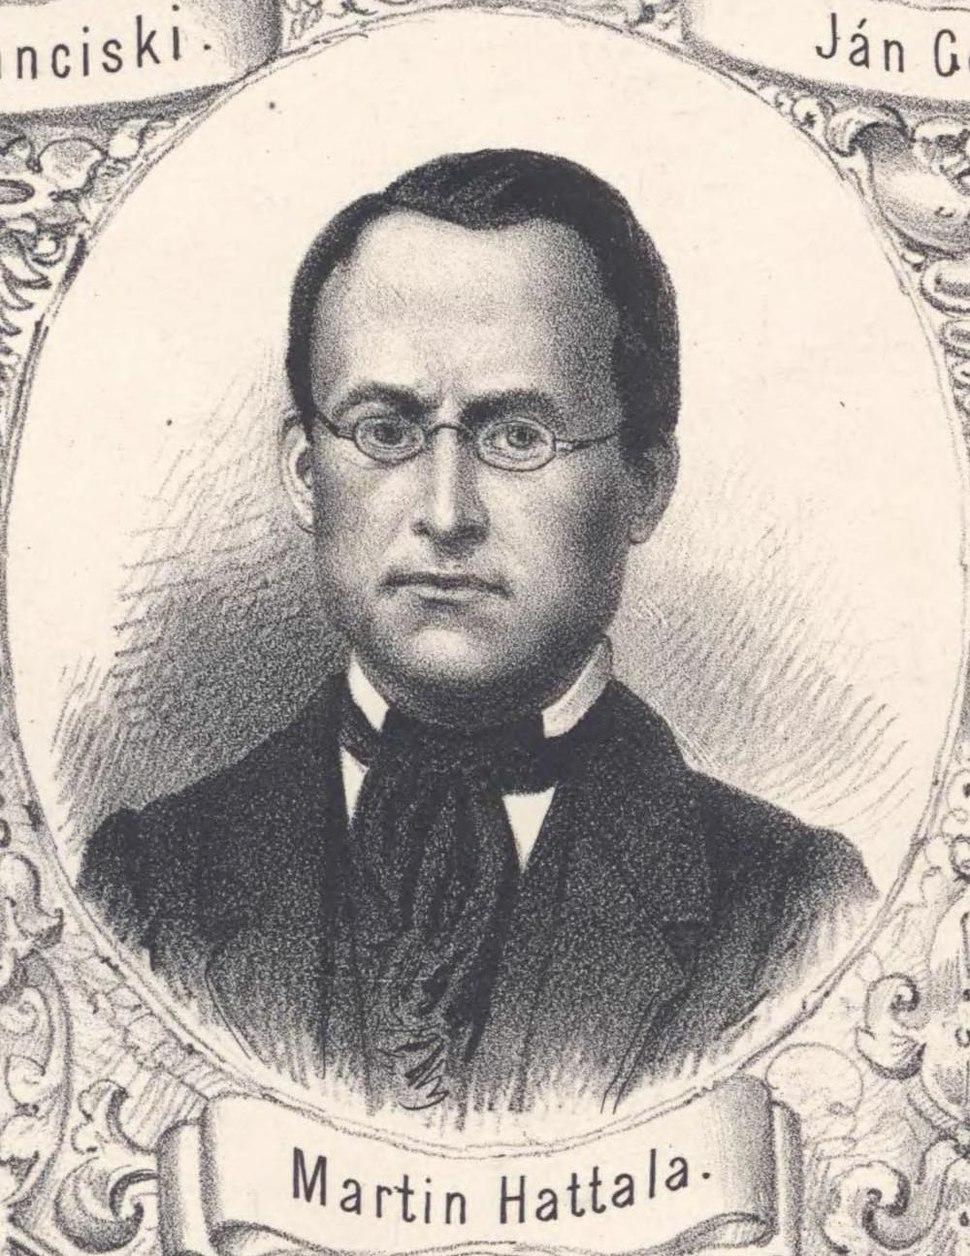 Martin Hattala 1863